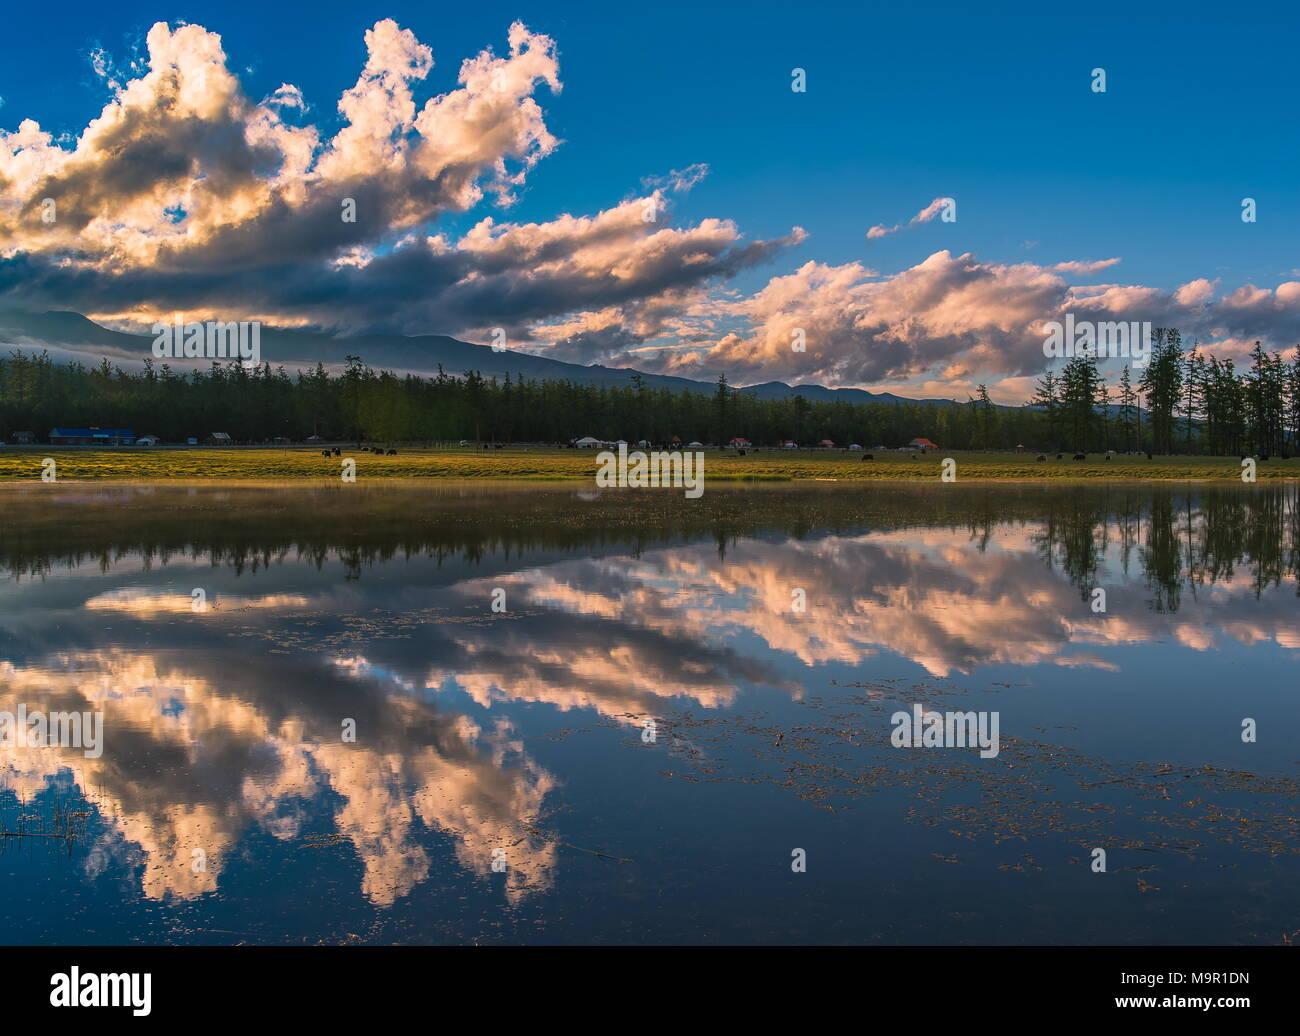 Lago Khuvsgul con dramáticas nubes y reflejos de agua, Mongolia Foto de stock